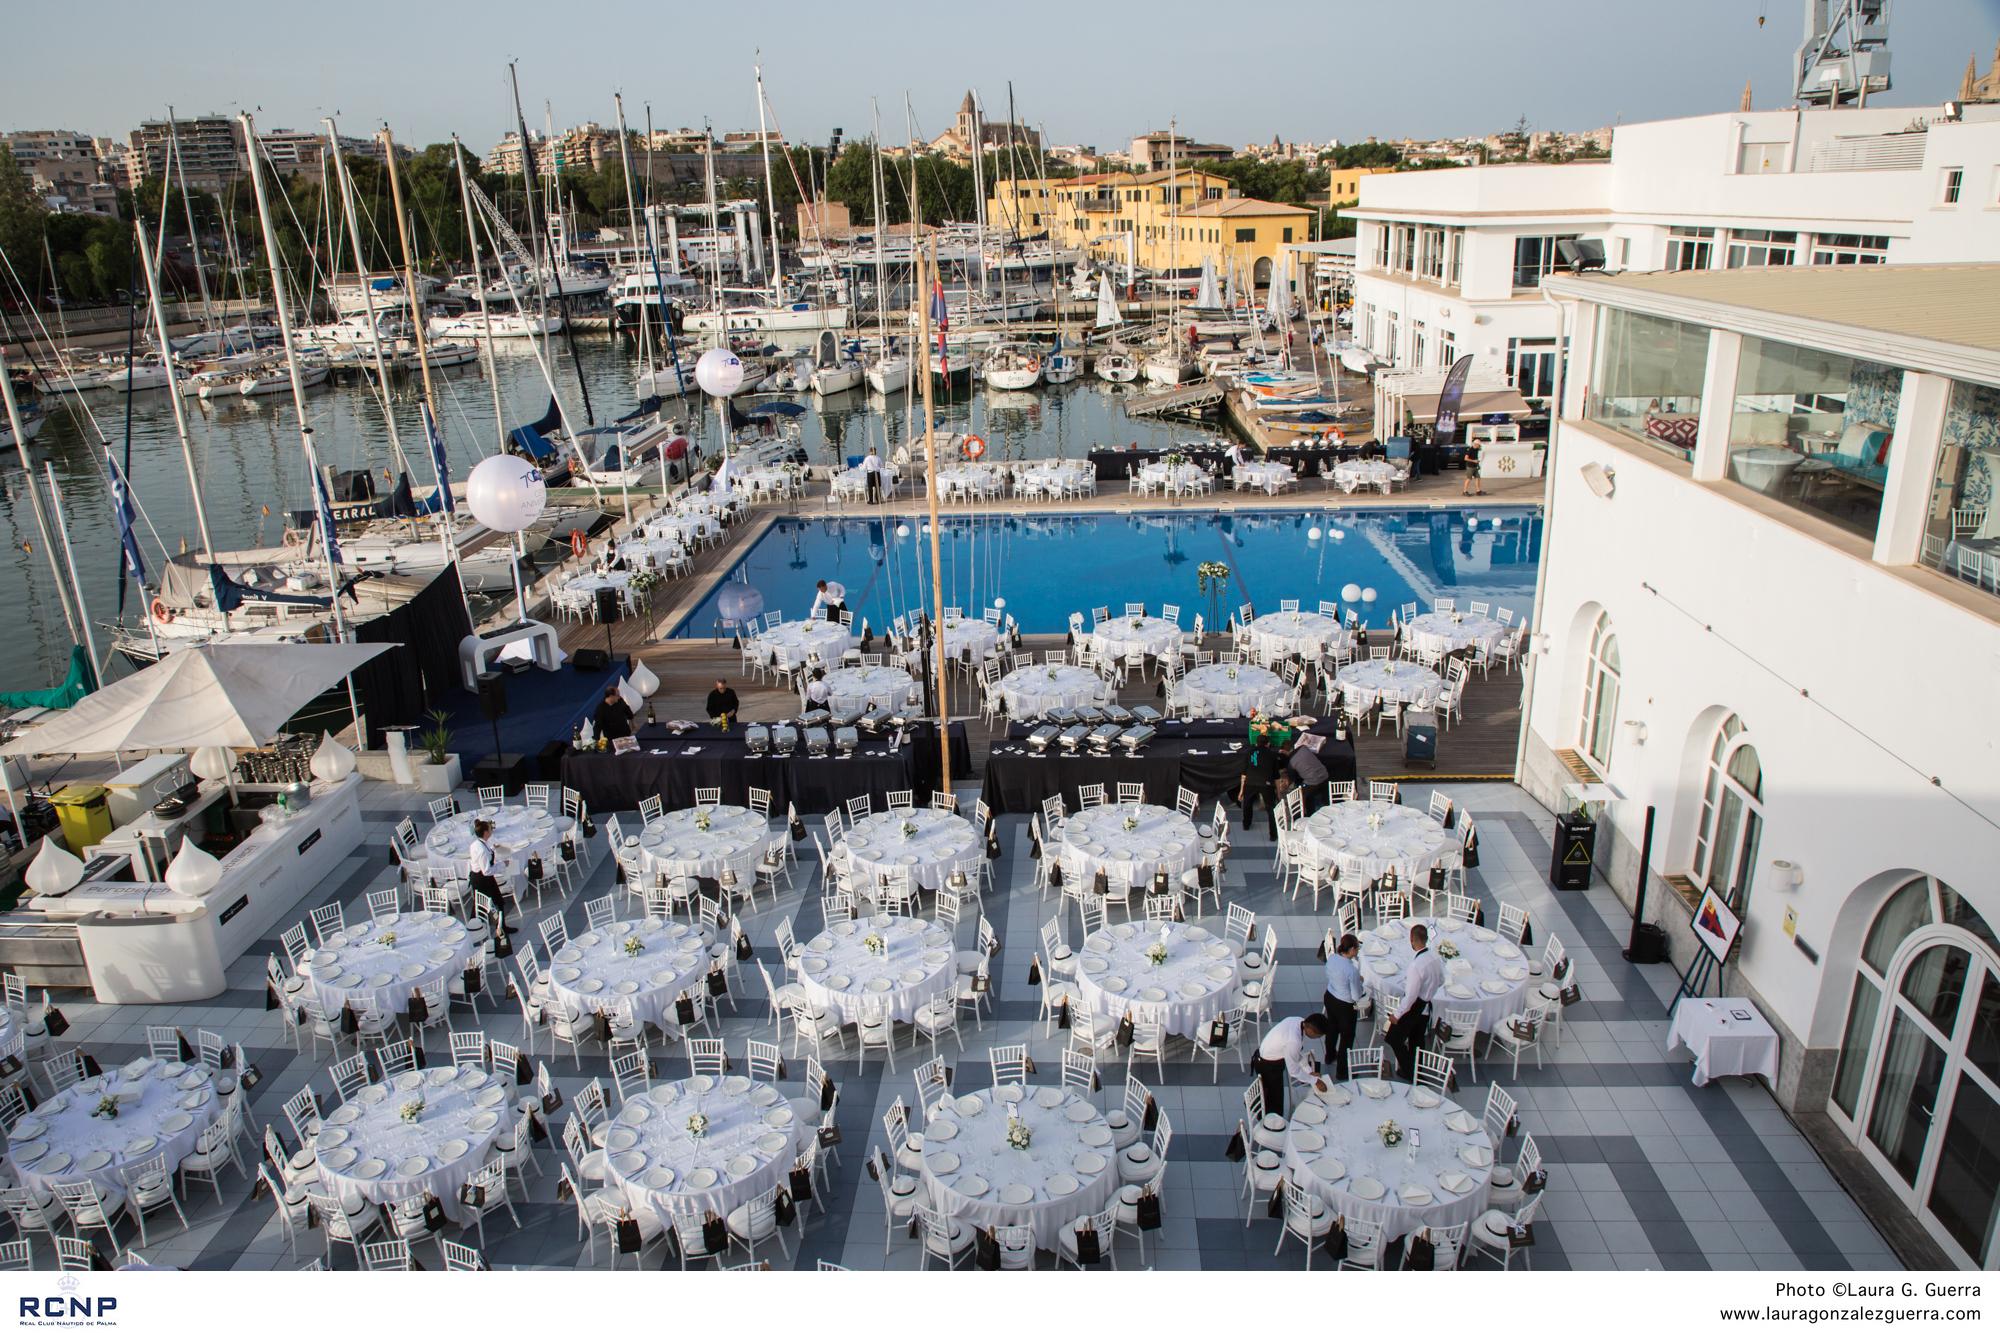 Luxury Spain invitada al 70 aniversario del Real Club Náutico de Palma